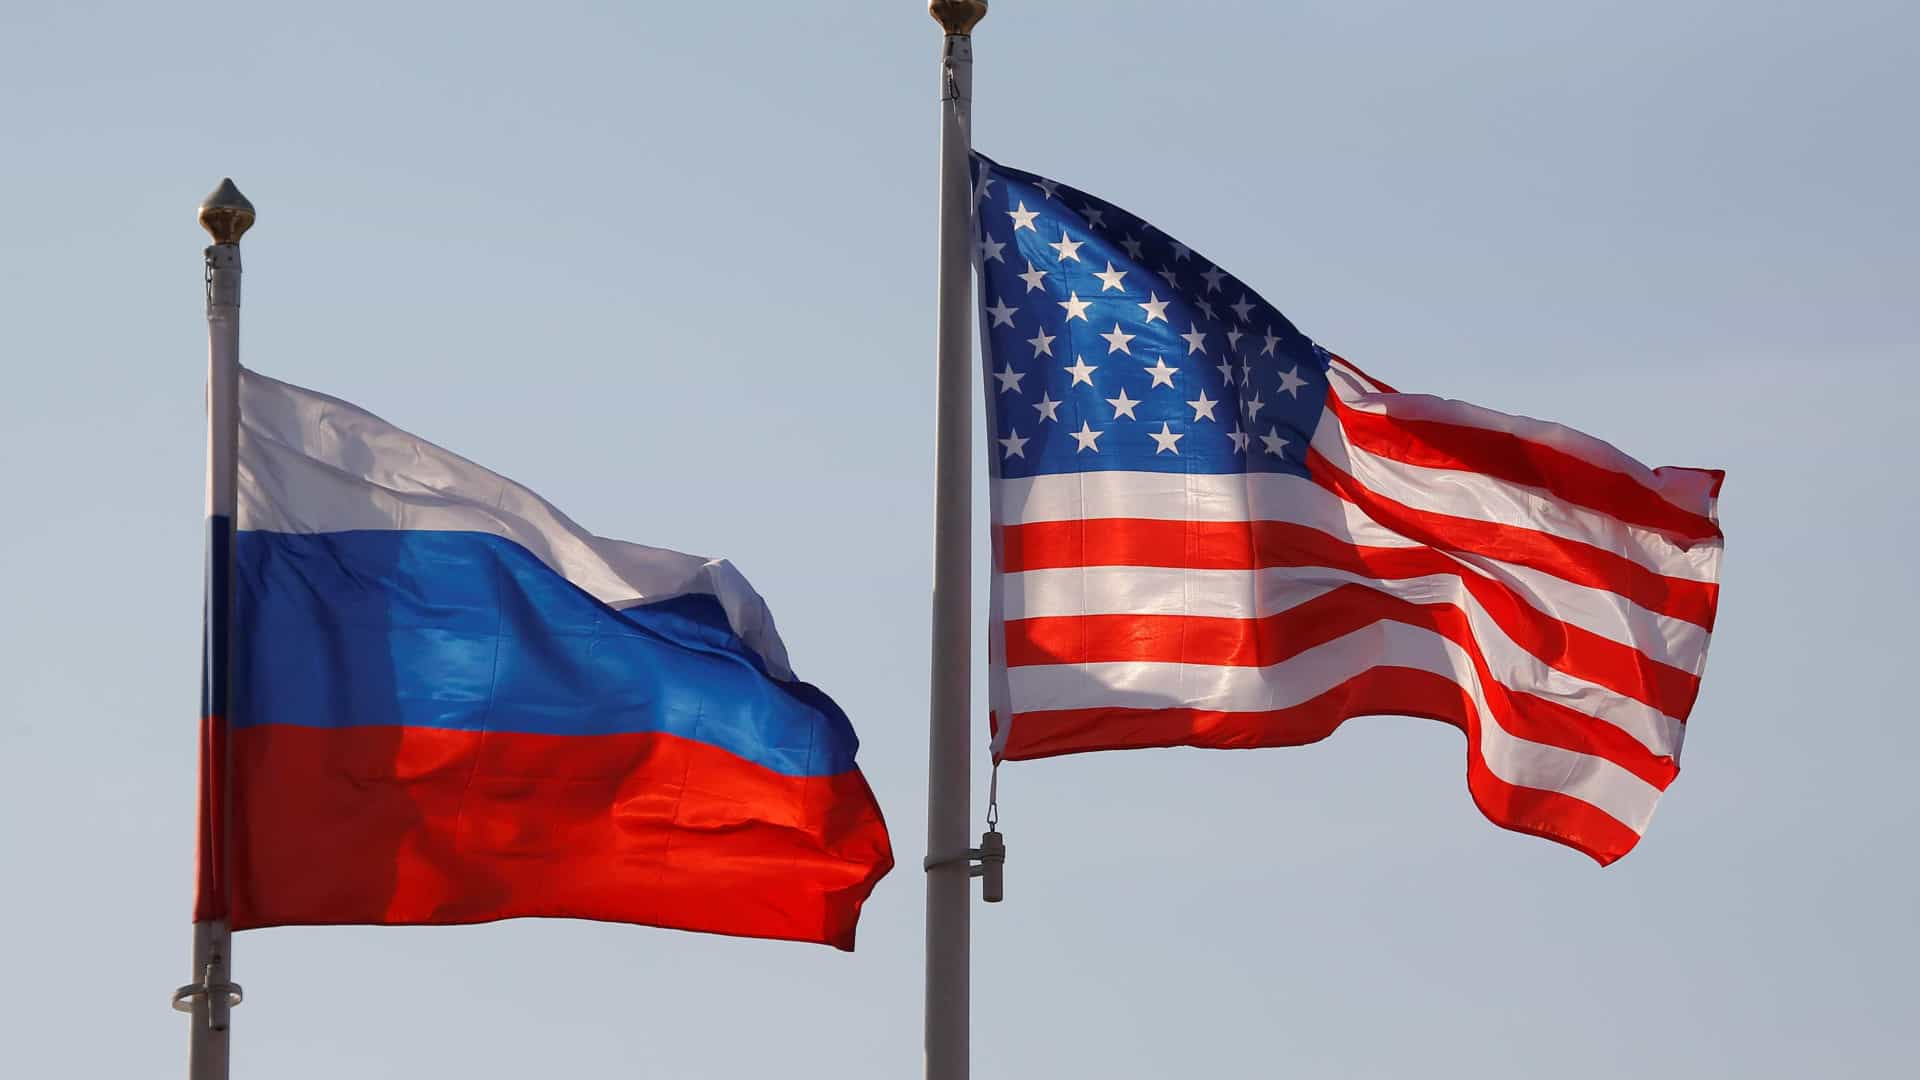 Relatório da NSA aponta ciberataque russo durante pré-eleição dos EUA